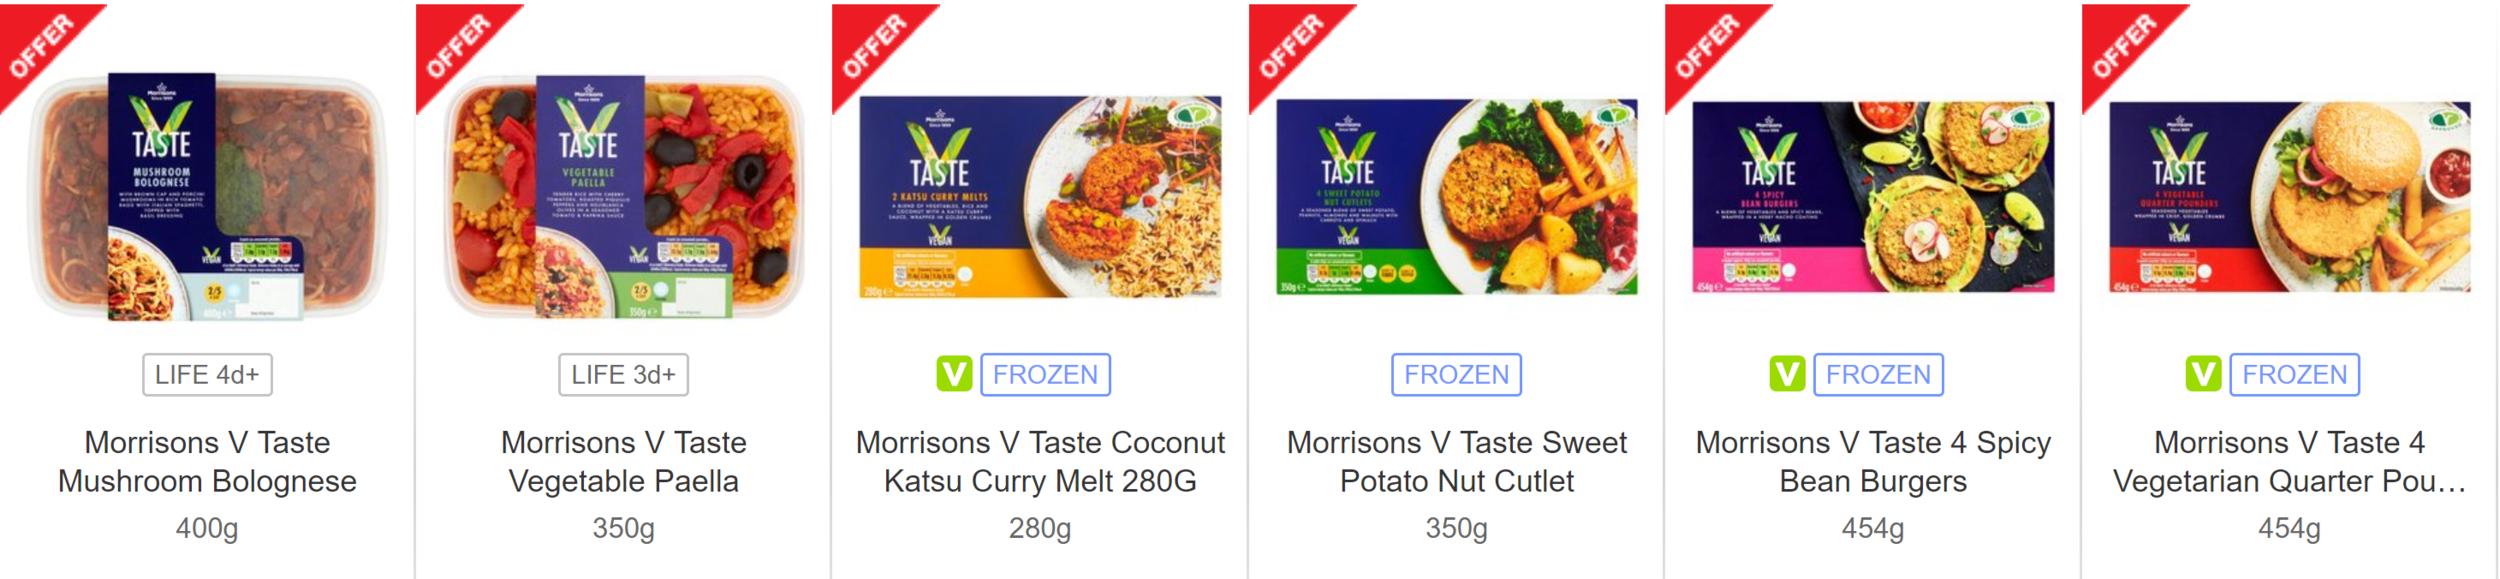 Vegan food in Morrisons (2).PNG